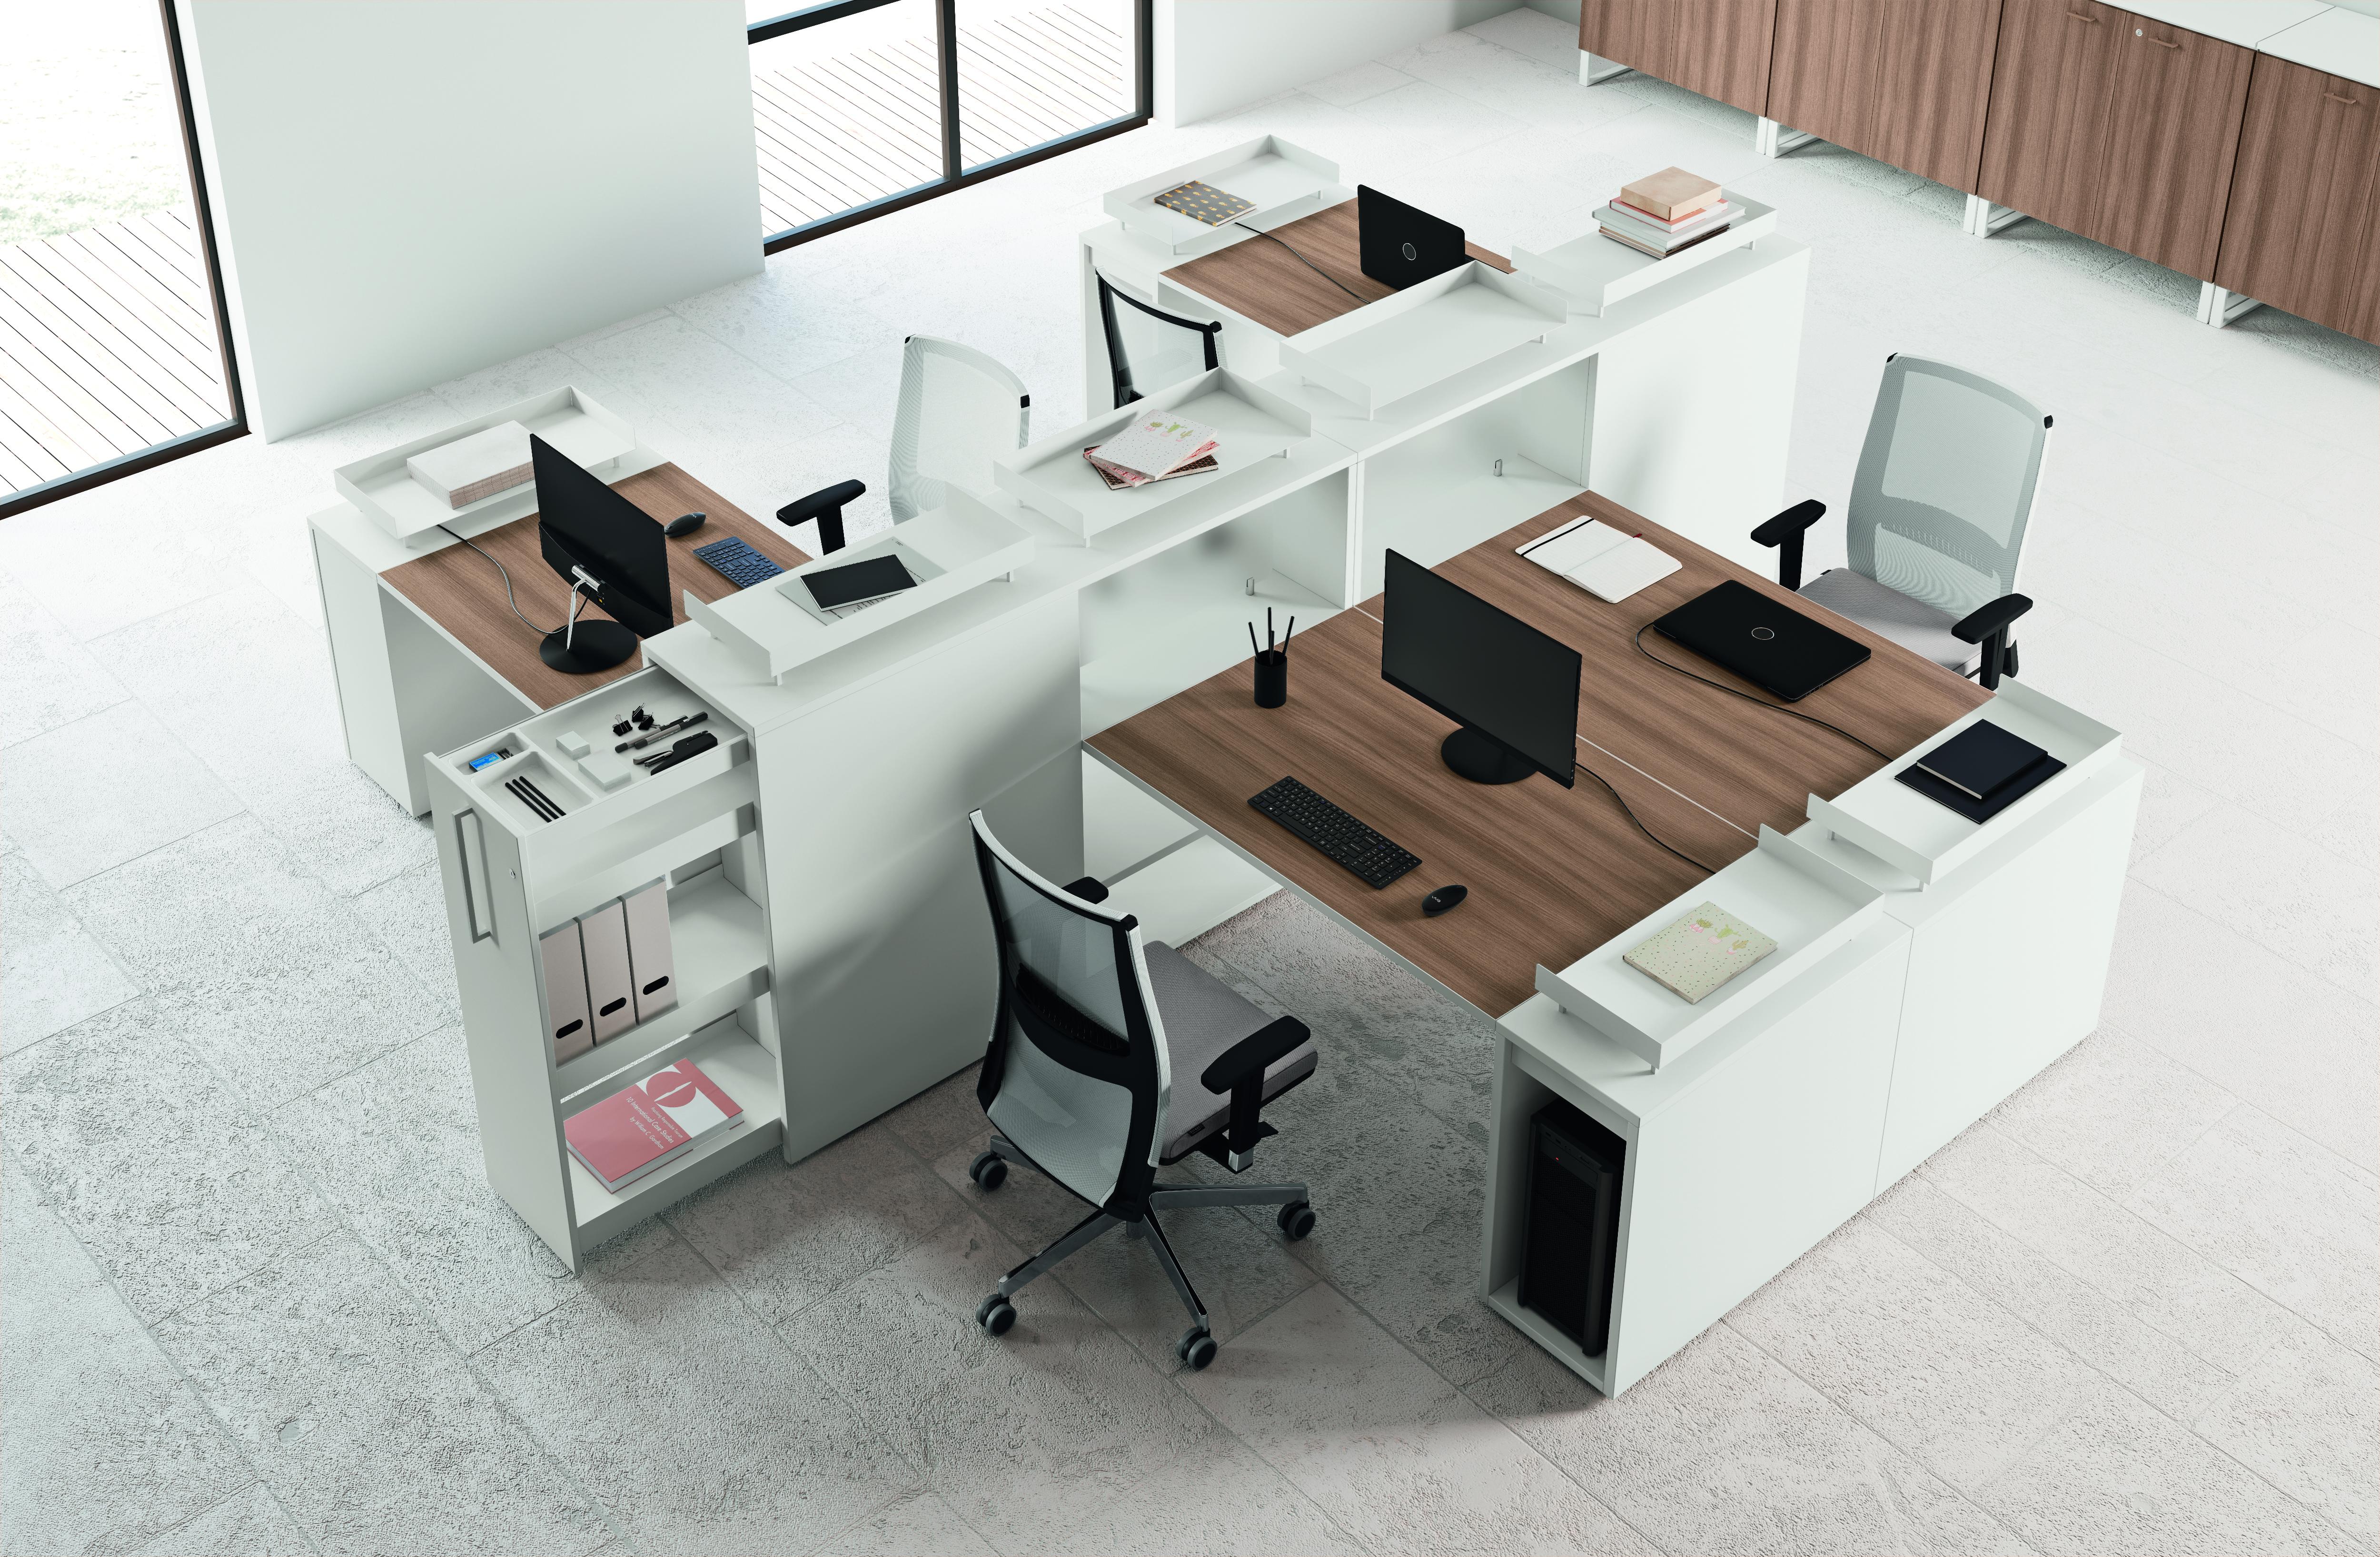 Accessori Ufficio Design : Arredamento ed accessori per l ufficio copyfin